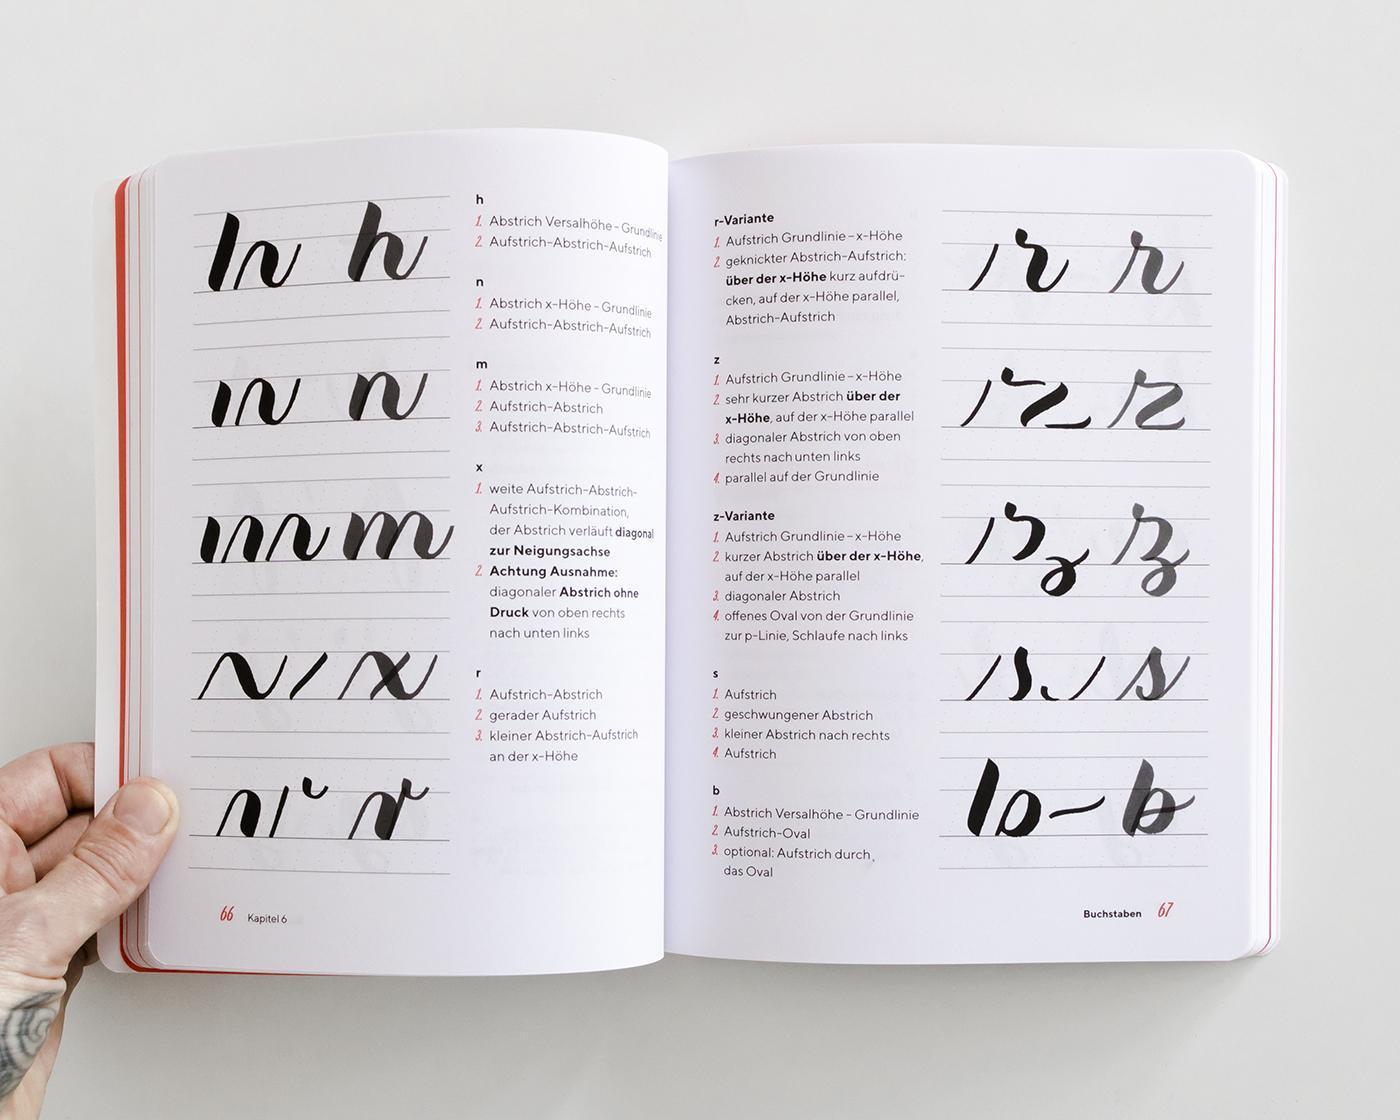 Campe_Praxisbuch-Brush-Lettering-3056.jpg